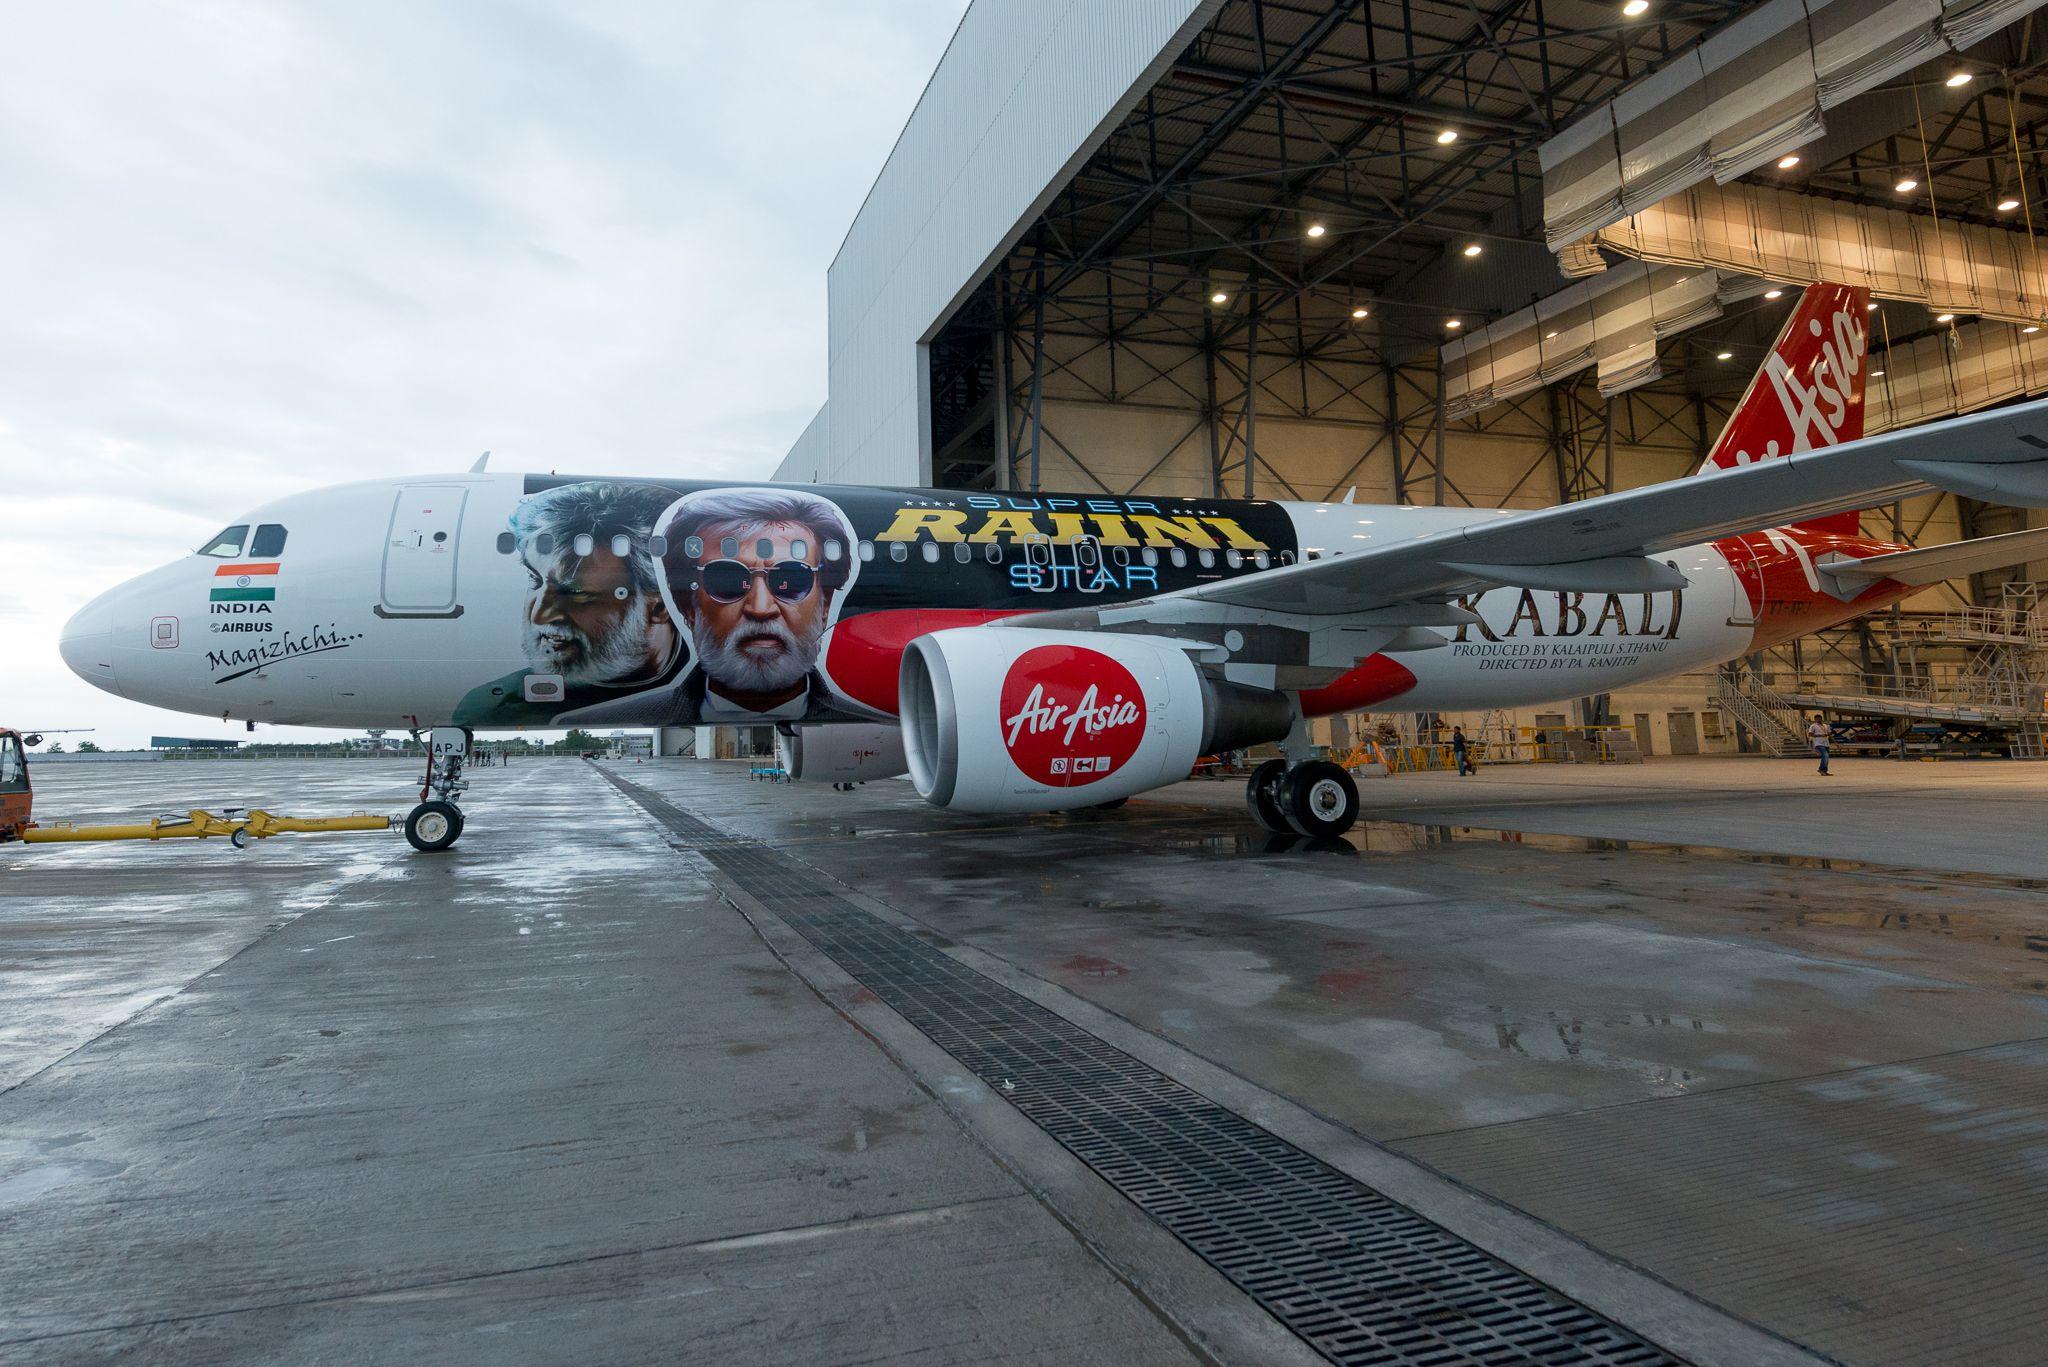 AirAsia India's aircraft dedicated to 'Kabali' Aircraft